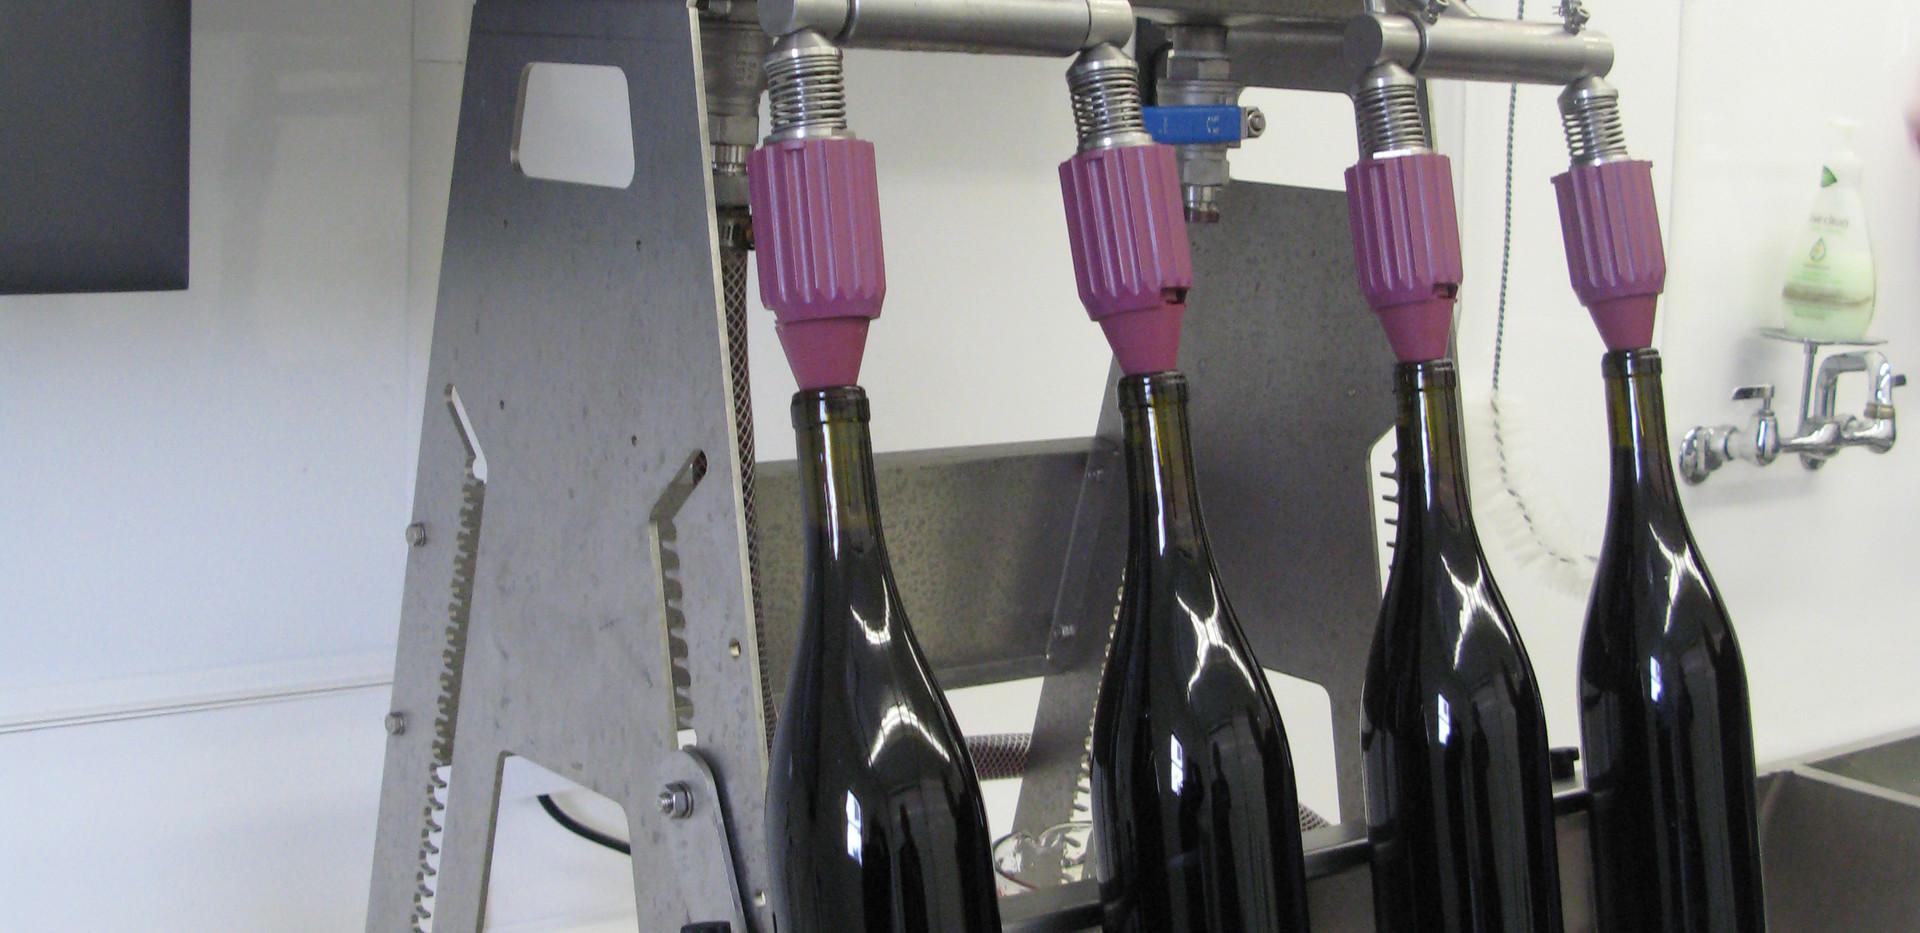 Apprenez-en davantage sur l'élaboration des vins québécois